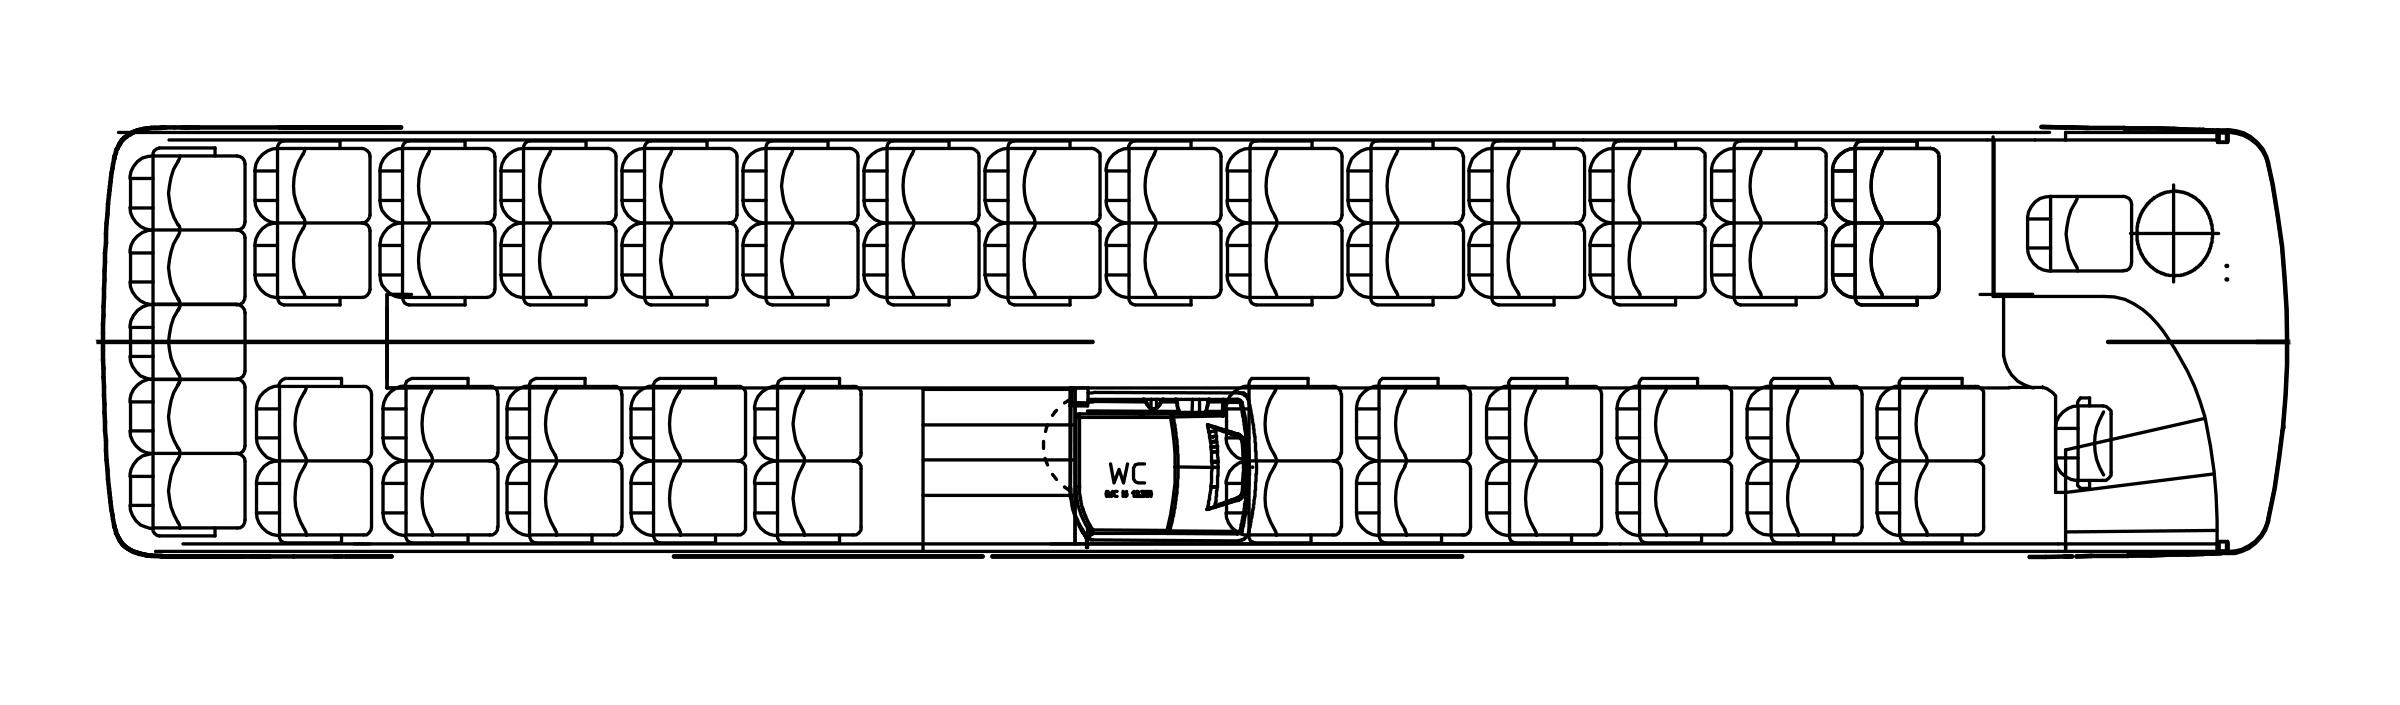 irizar case Full-text (pdf) | dedicada al montaje de autocares de lujo, irizar muestra una espectacular evolución de sus cifras en los últimos años la transformación radical.